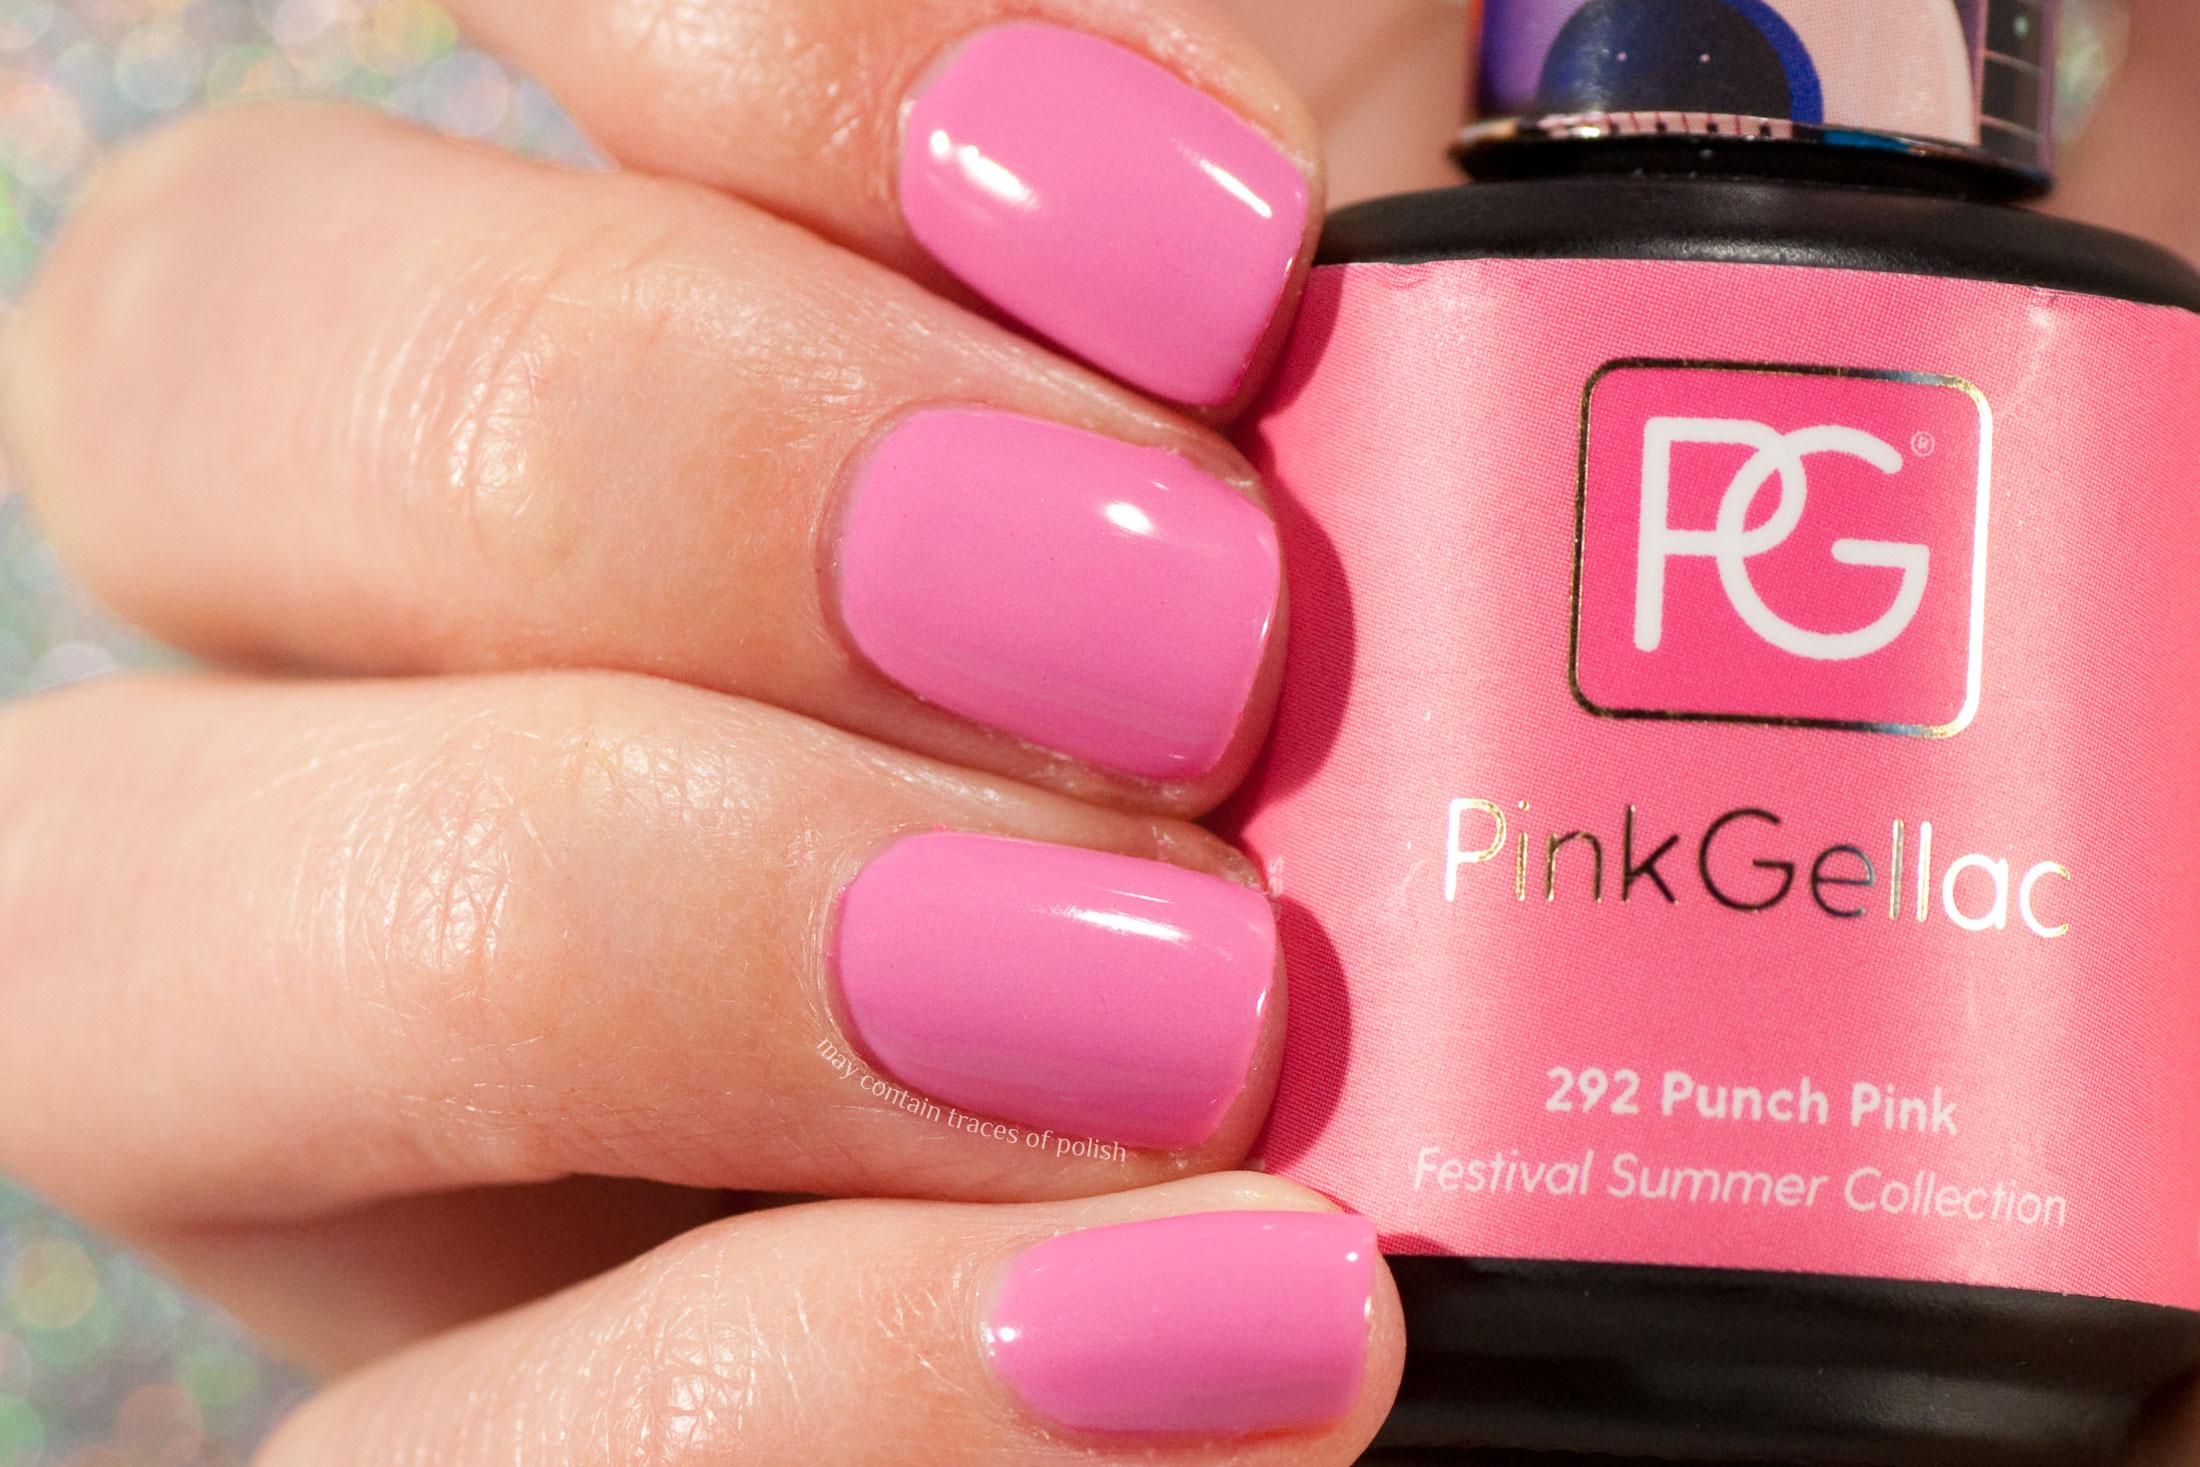 Pink Gellac 292 Punch Pink